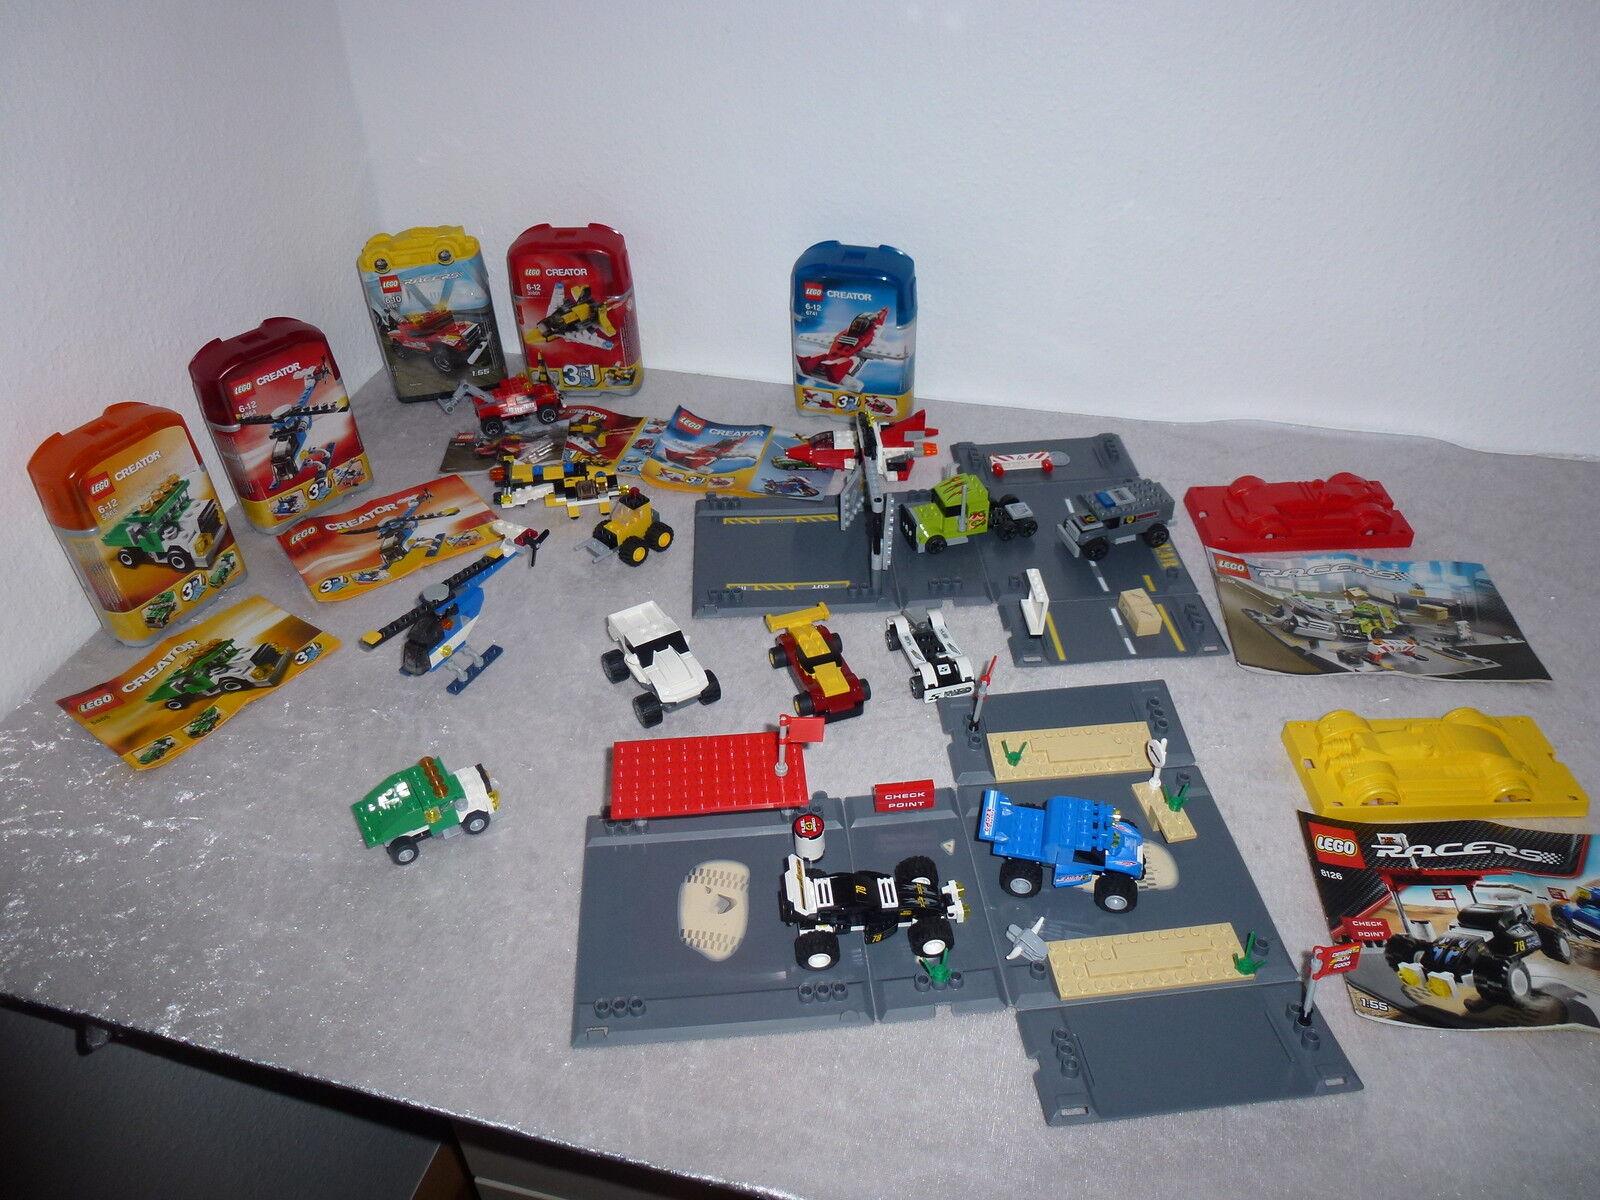 LEGO  CREATOR raccolta 8199+8126+8195+5865+5864+6741+31001+uvm+oba+ovp (11)  fino al 42% di sconto